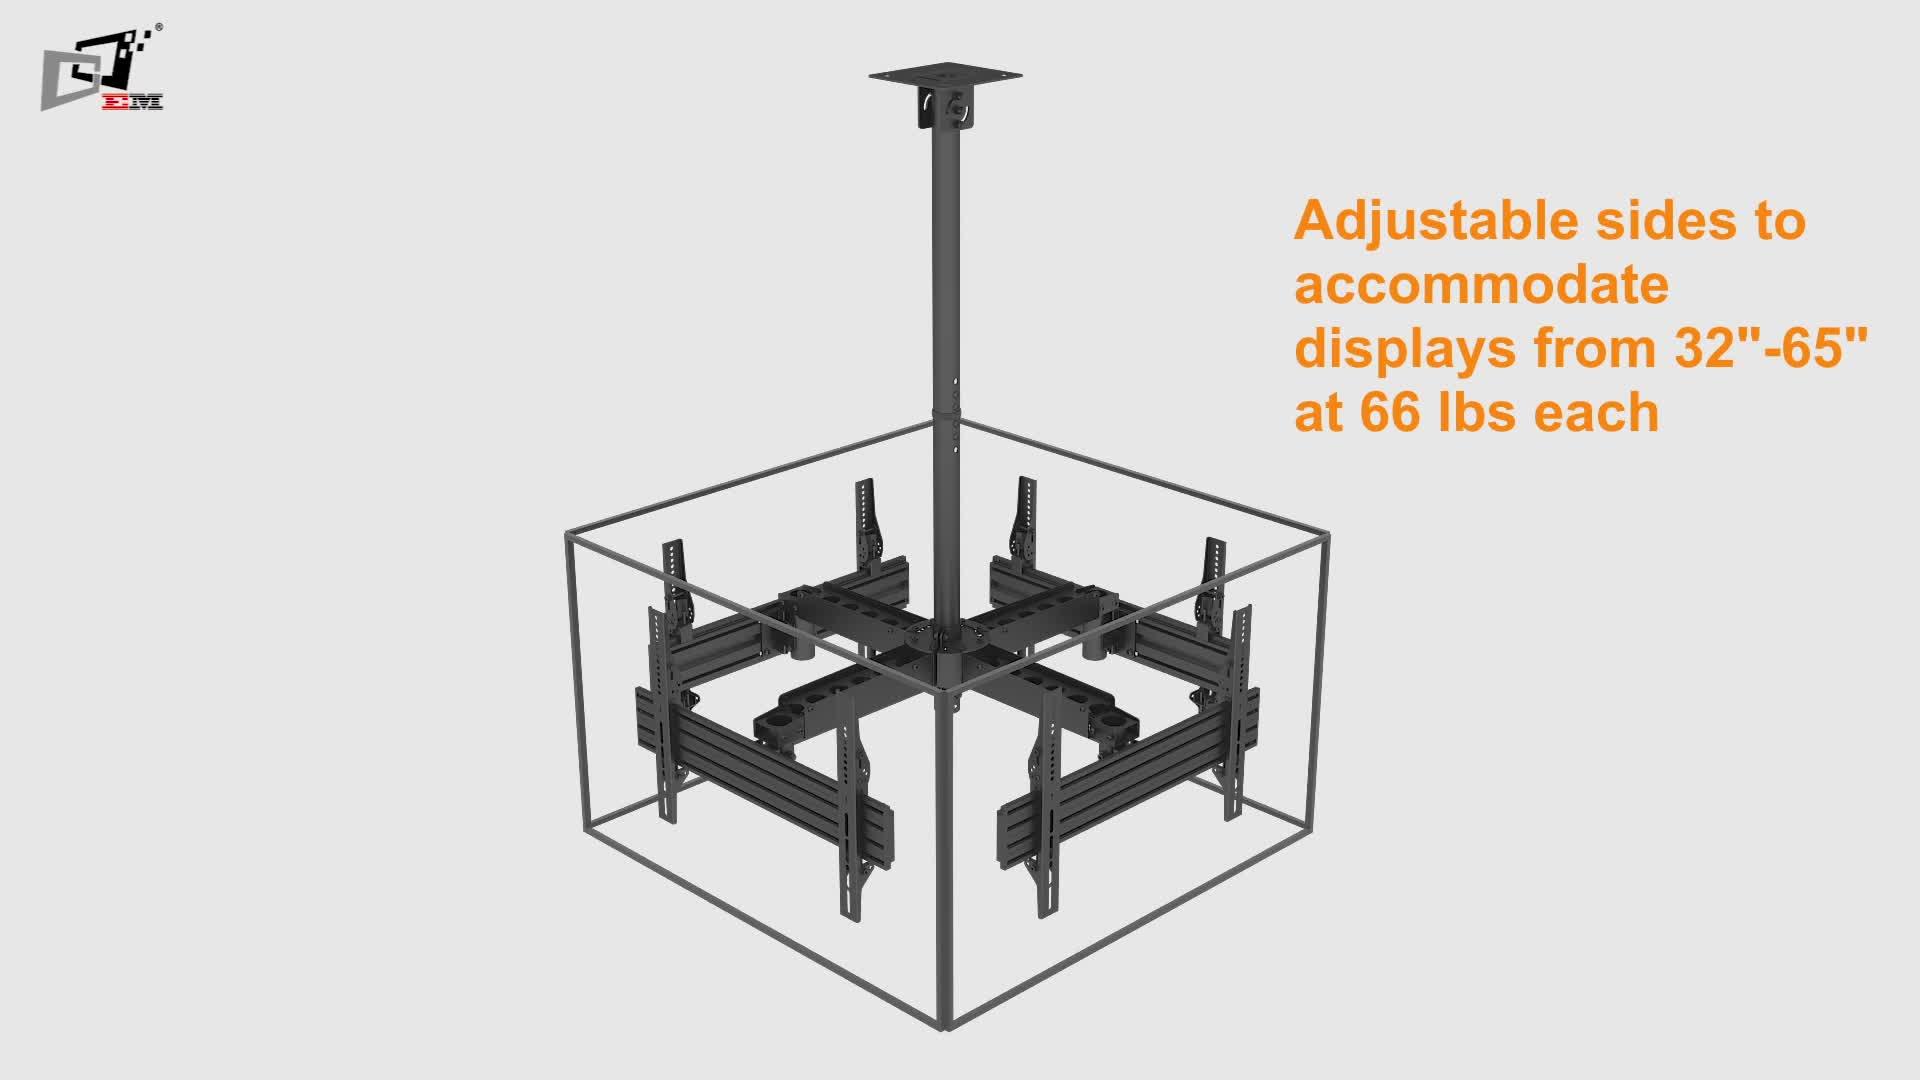 वाणिज्यिक पक्ष द्वारा साइड दीवार ब्रैकेट माउंट छत टीवी ट्रैक्टर स्क्रीन के लिए माउंट